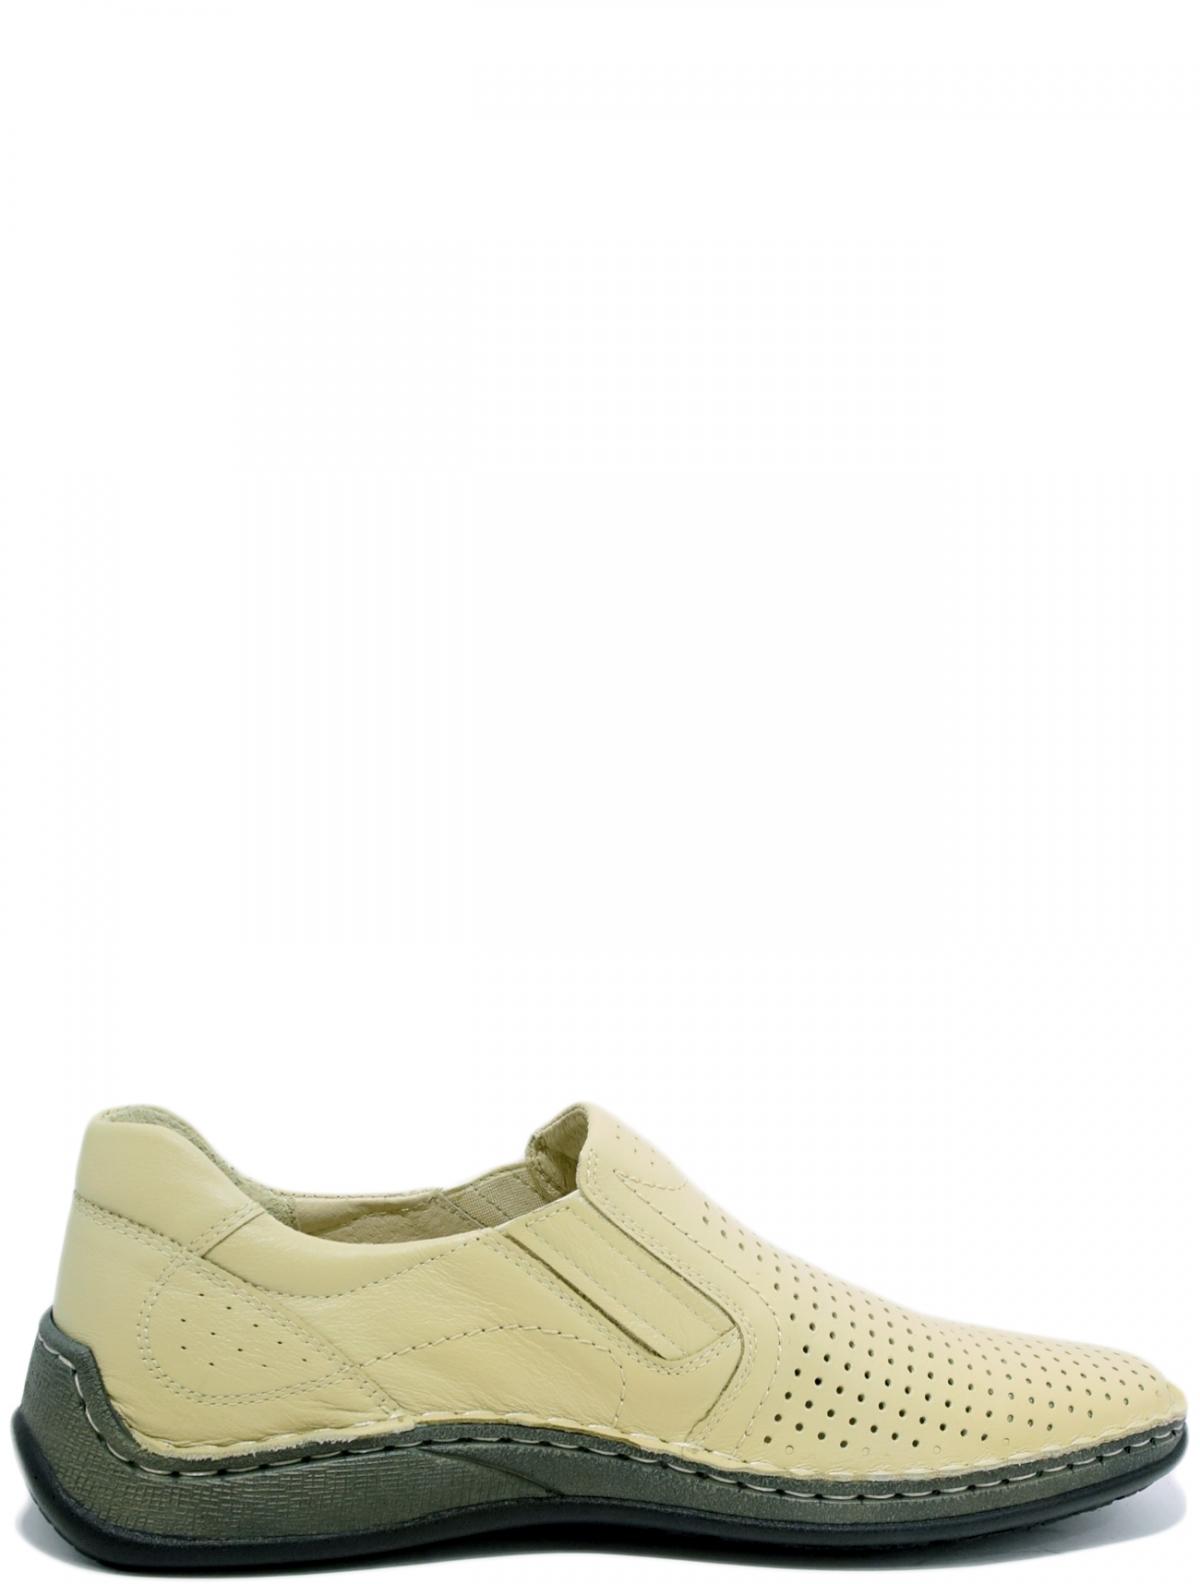 EDERRO 62-1517-11 мужские туфли